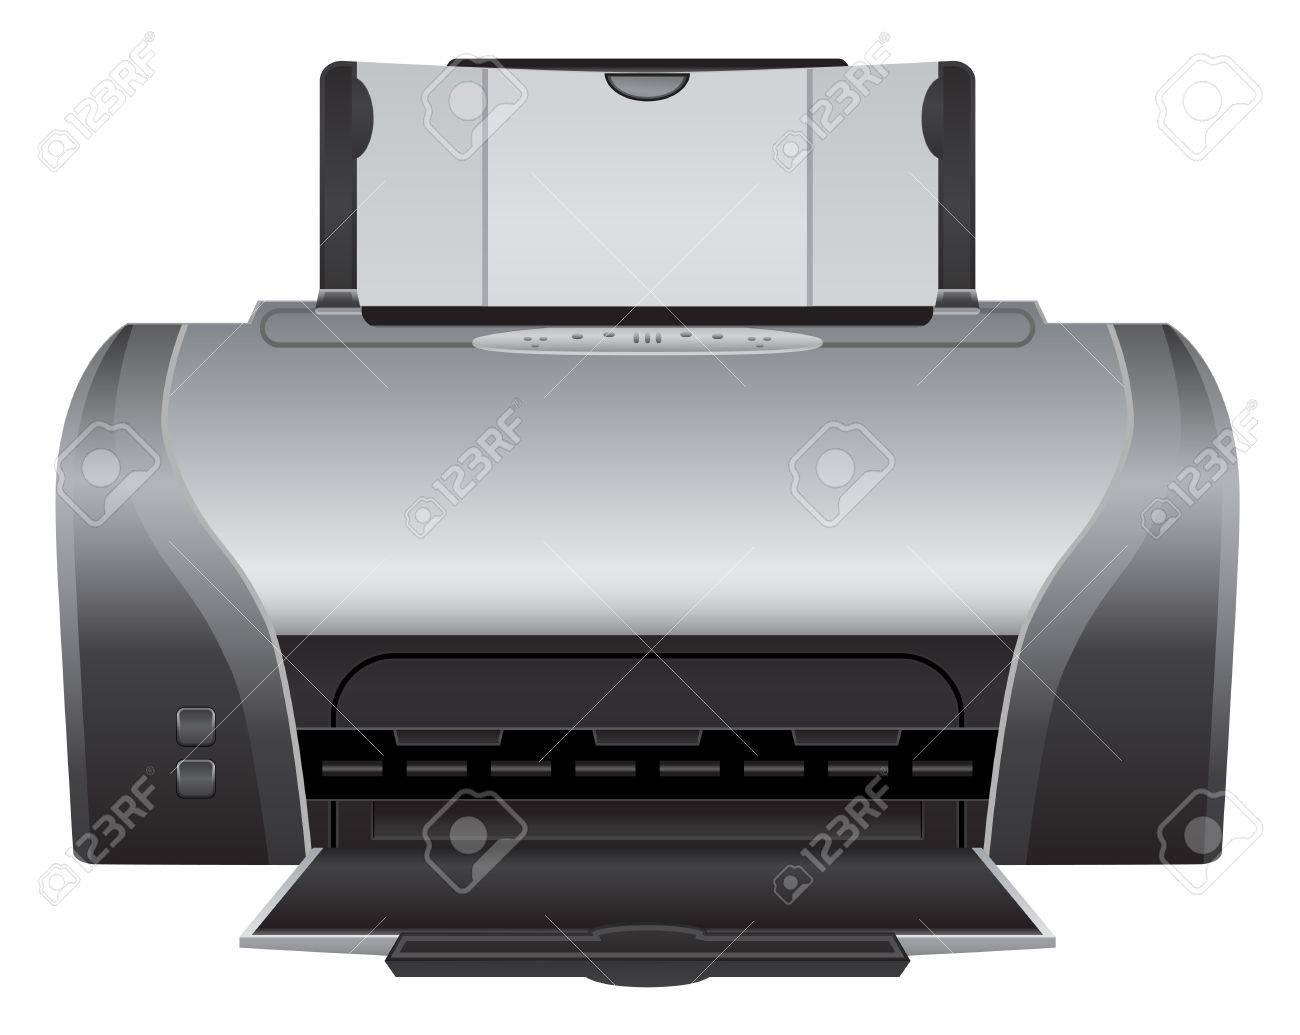 printer - realistic icon Stock Vector - 21506124